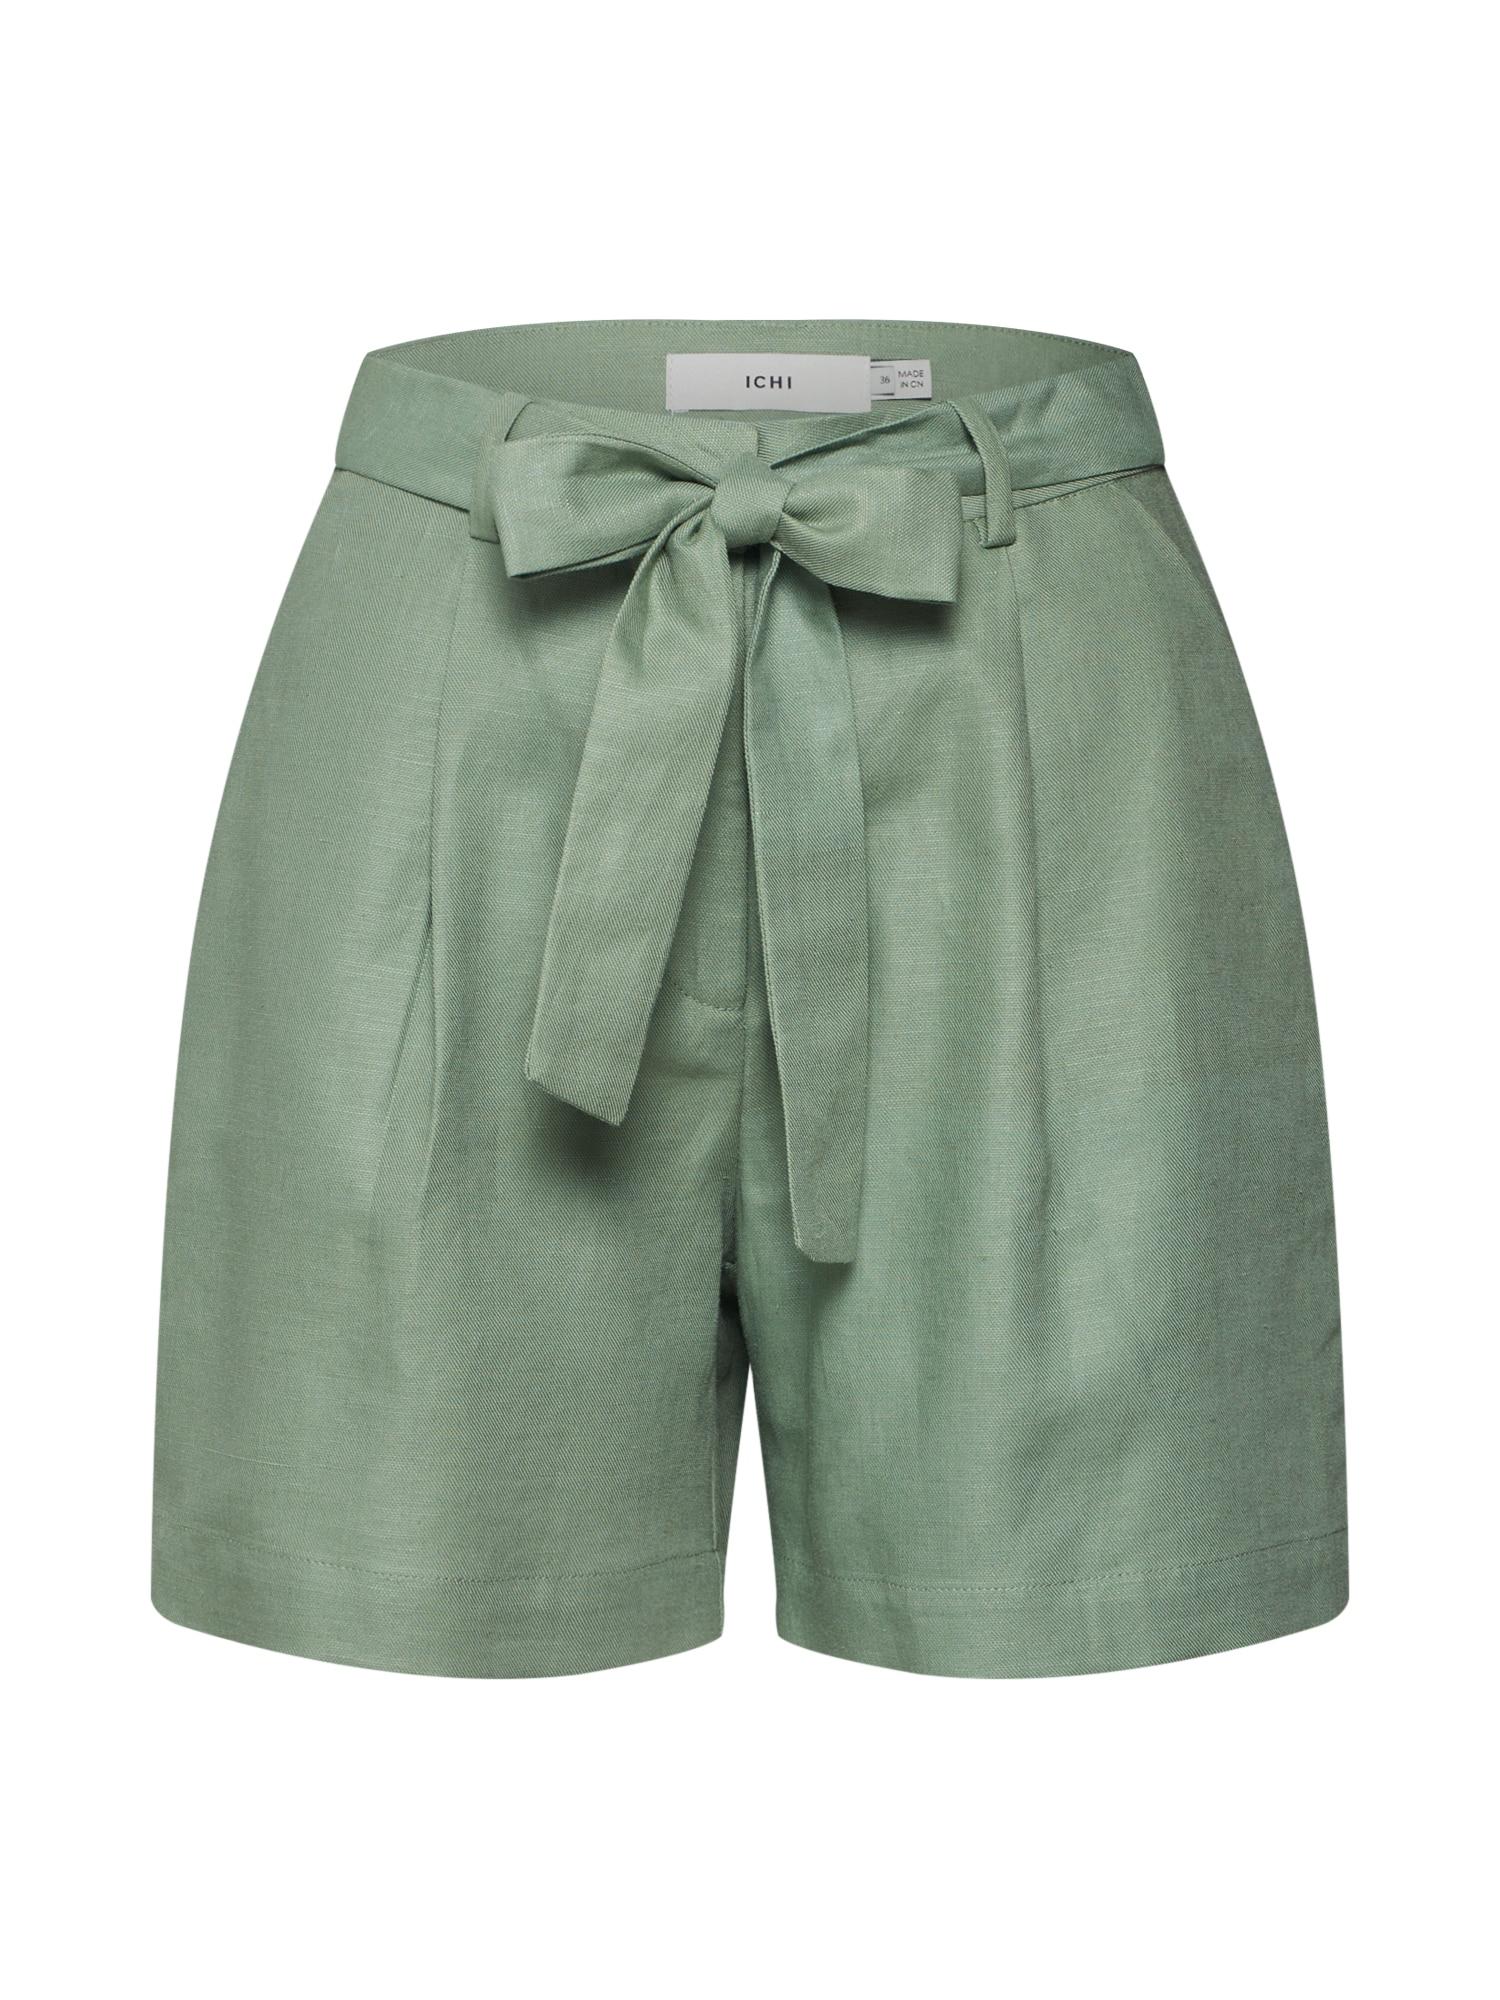 ICHI Klostuotos kelnės žalia